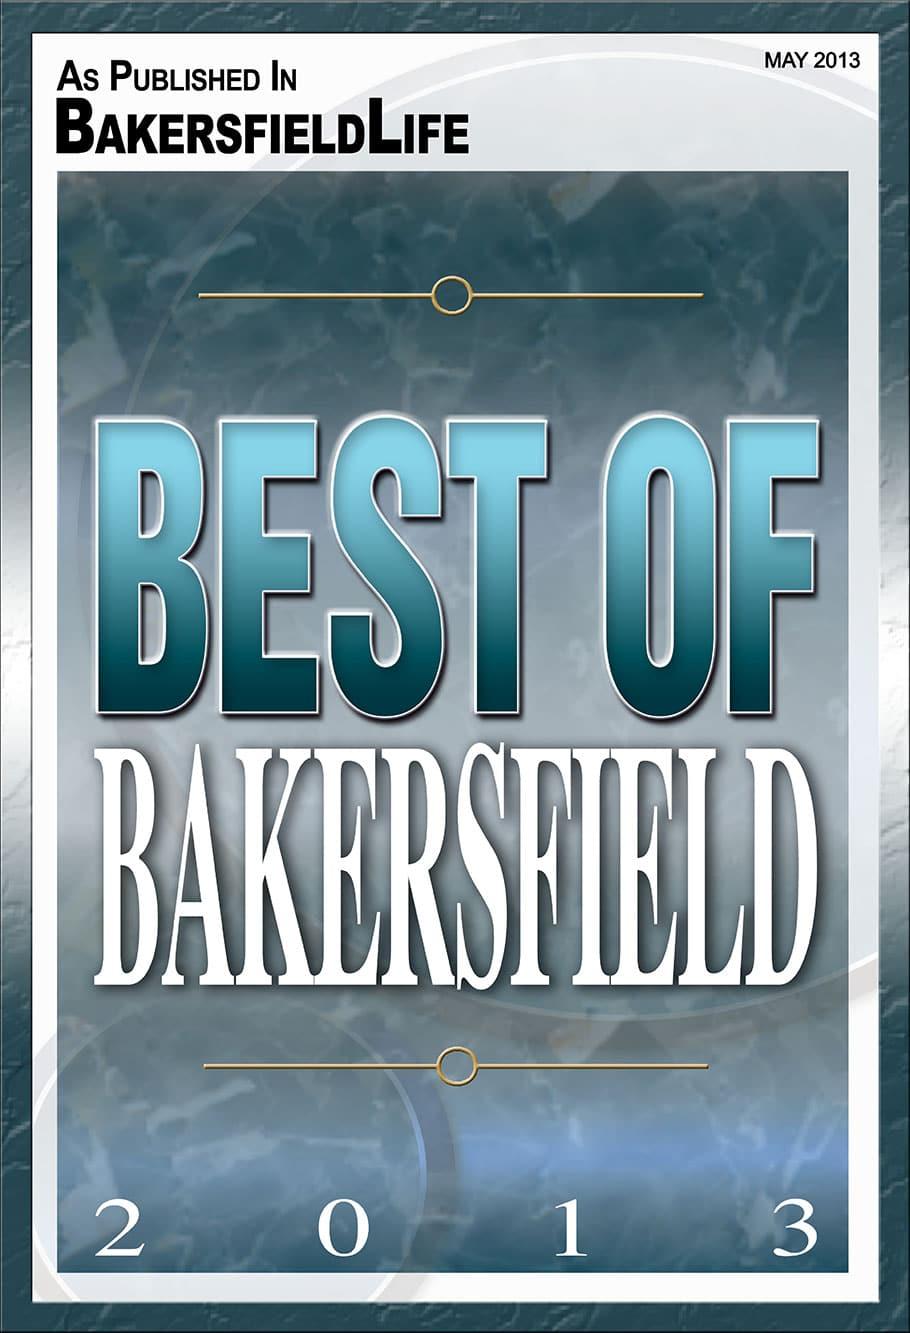 best of bakersfield logo on family law litigants